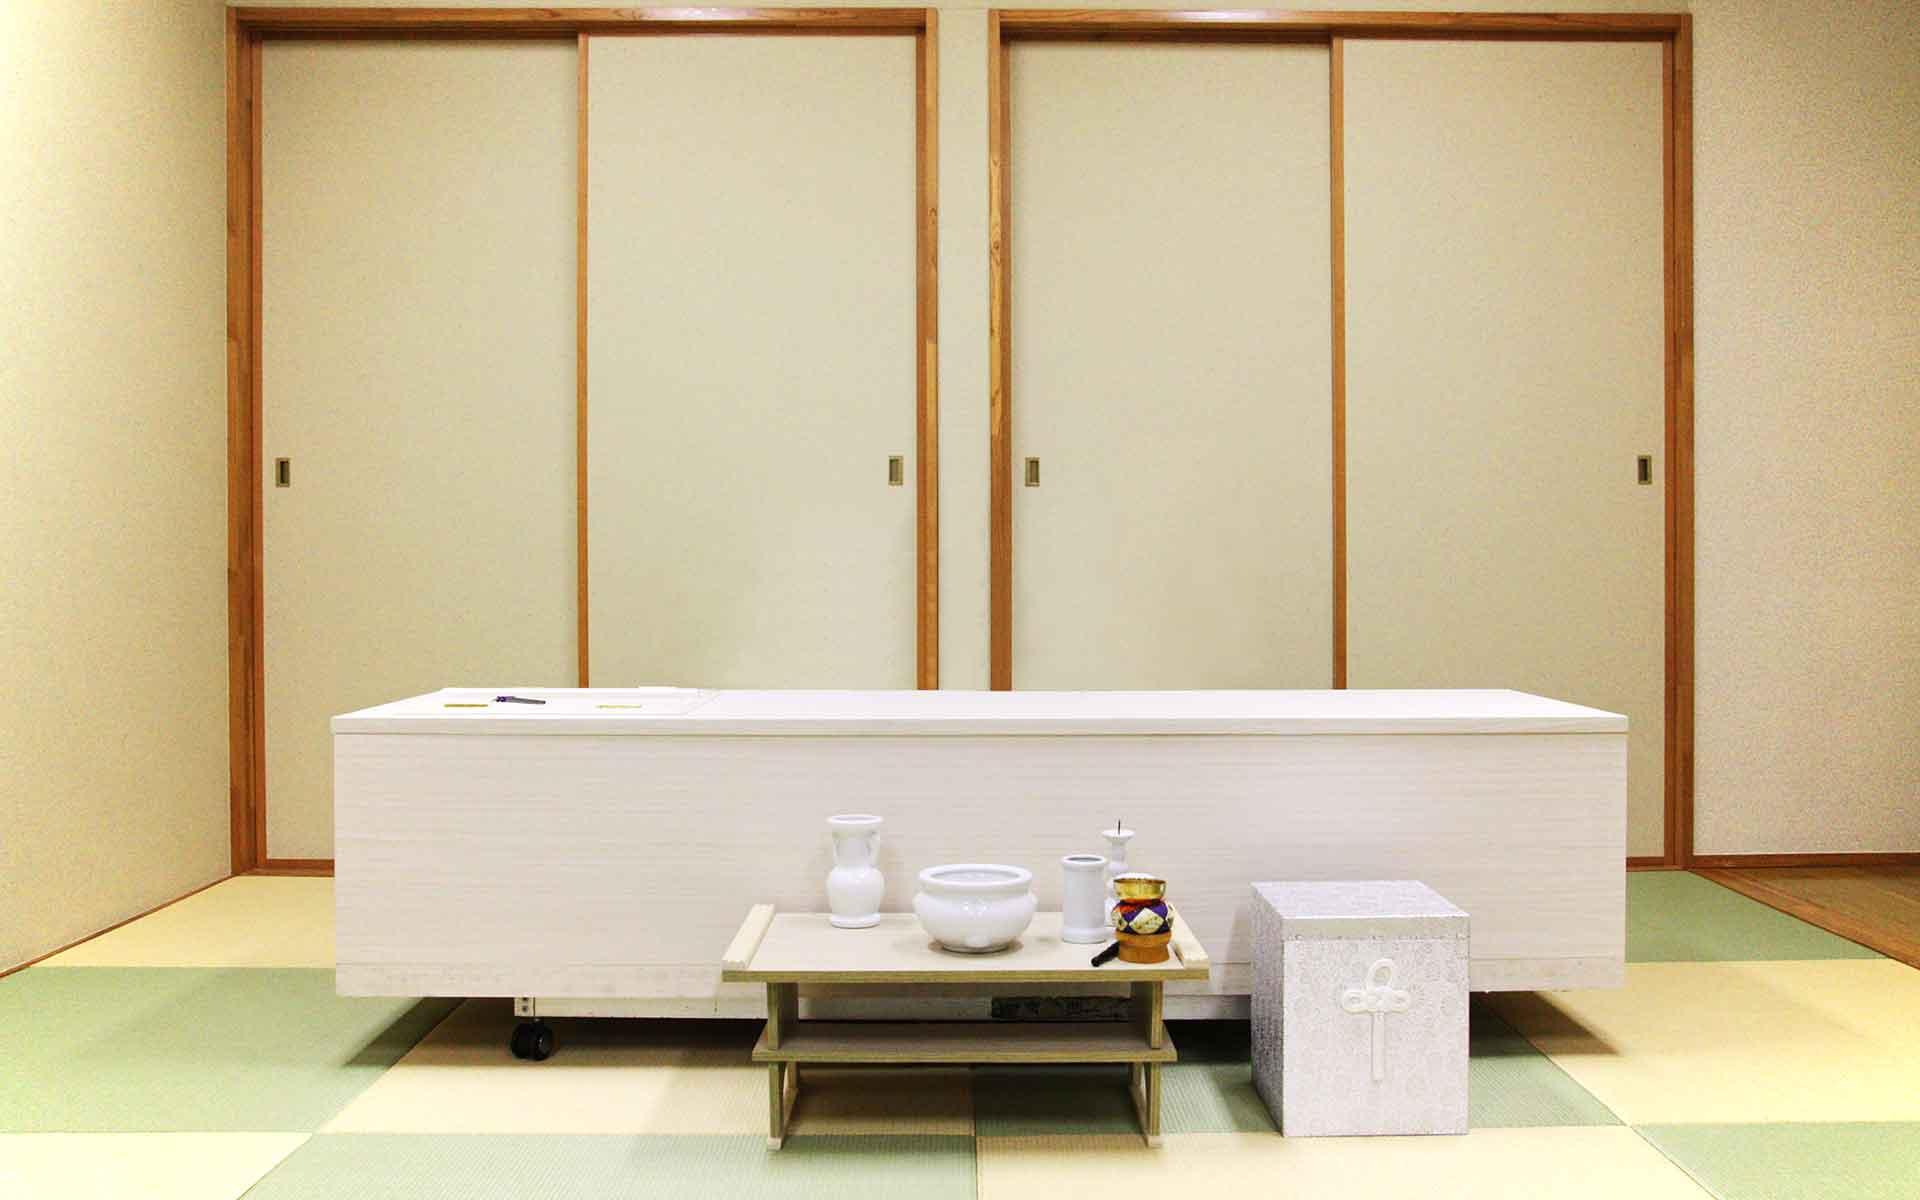 宇都宮/高根沢町で福祉葬